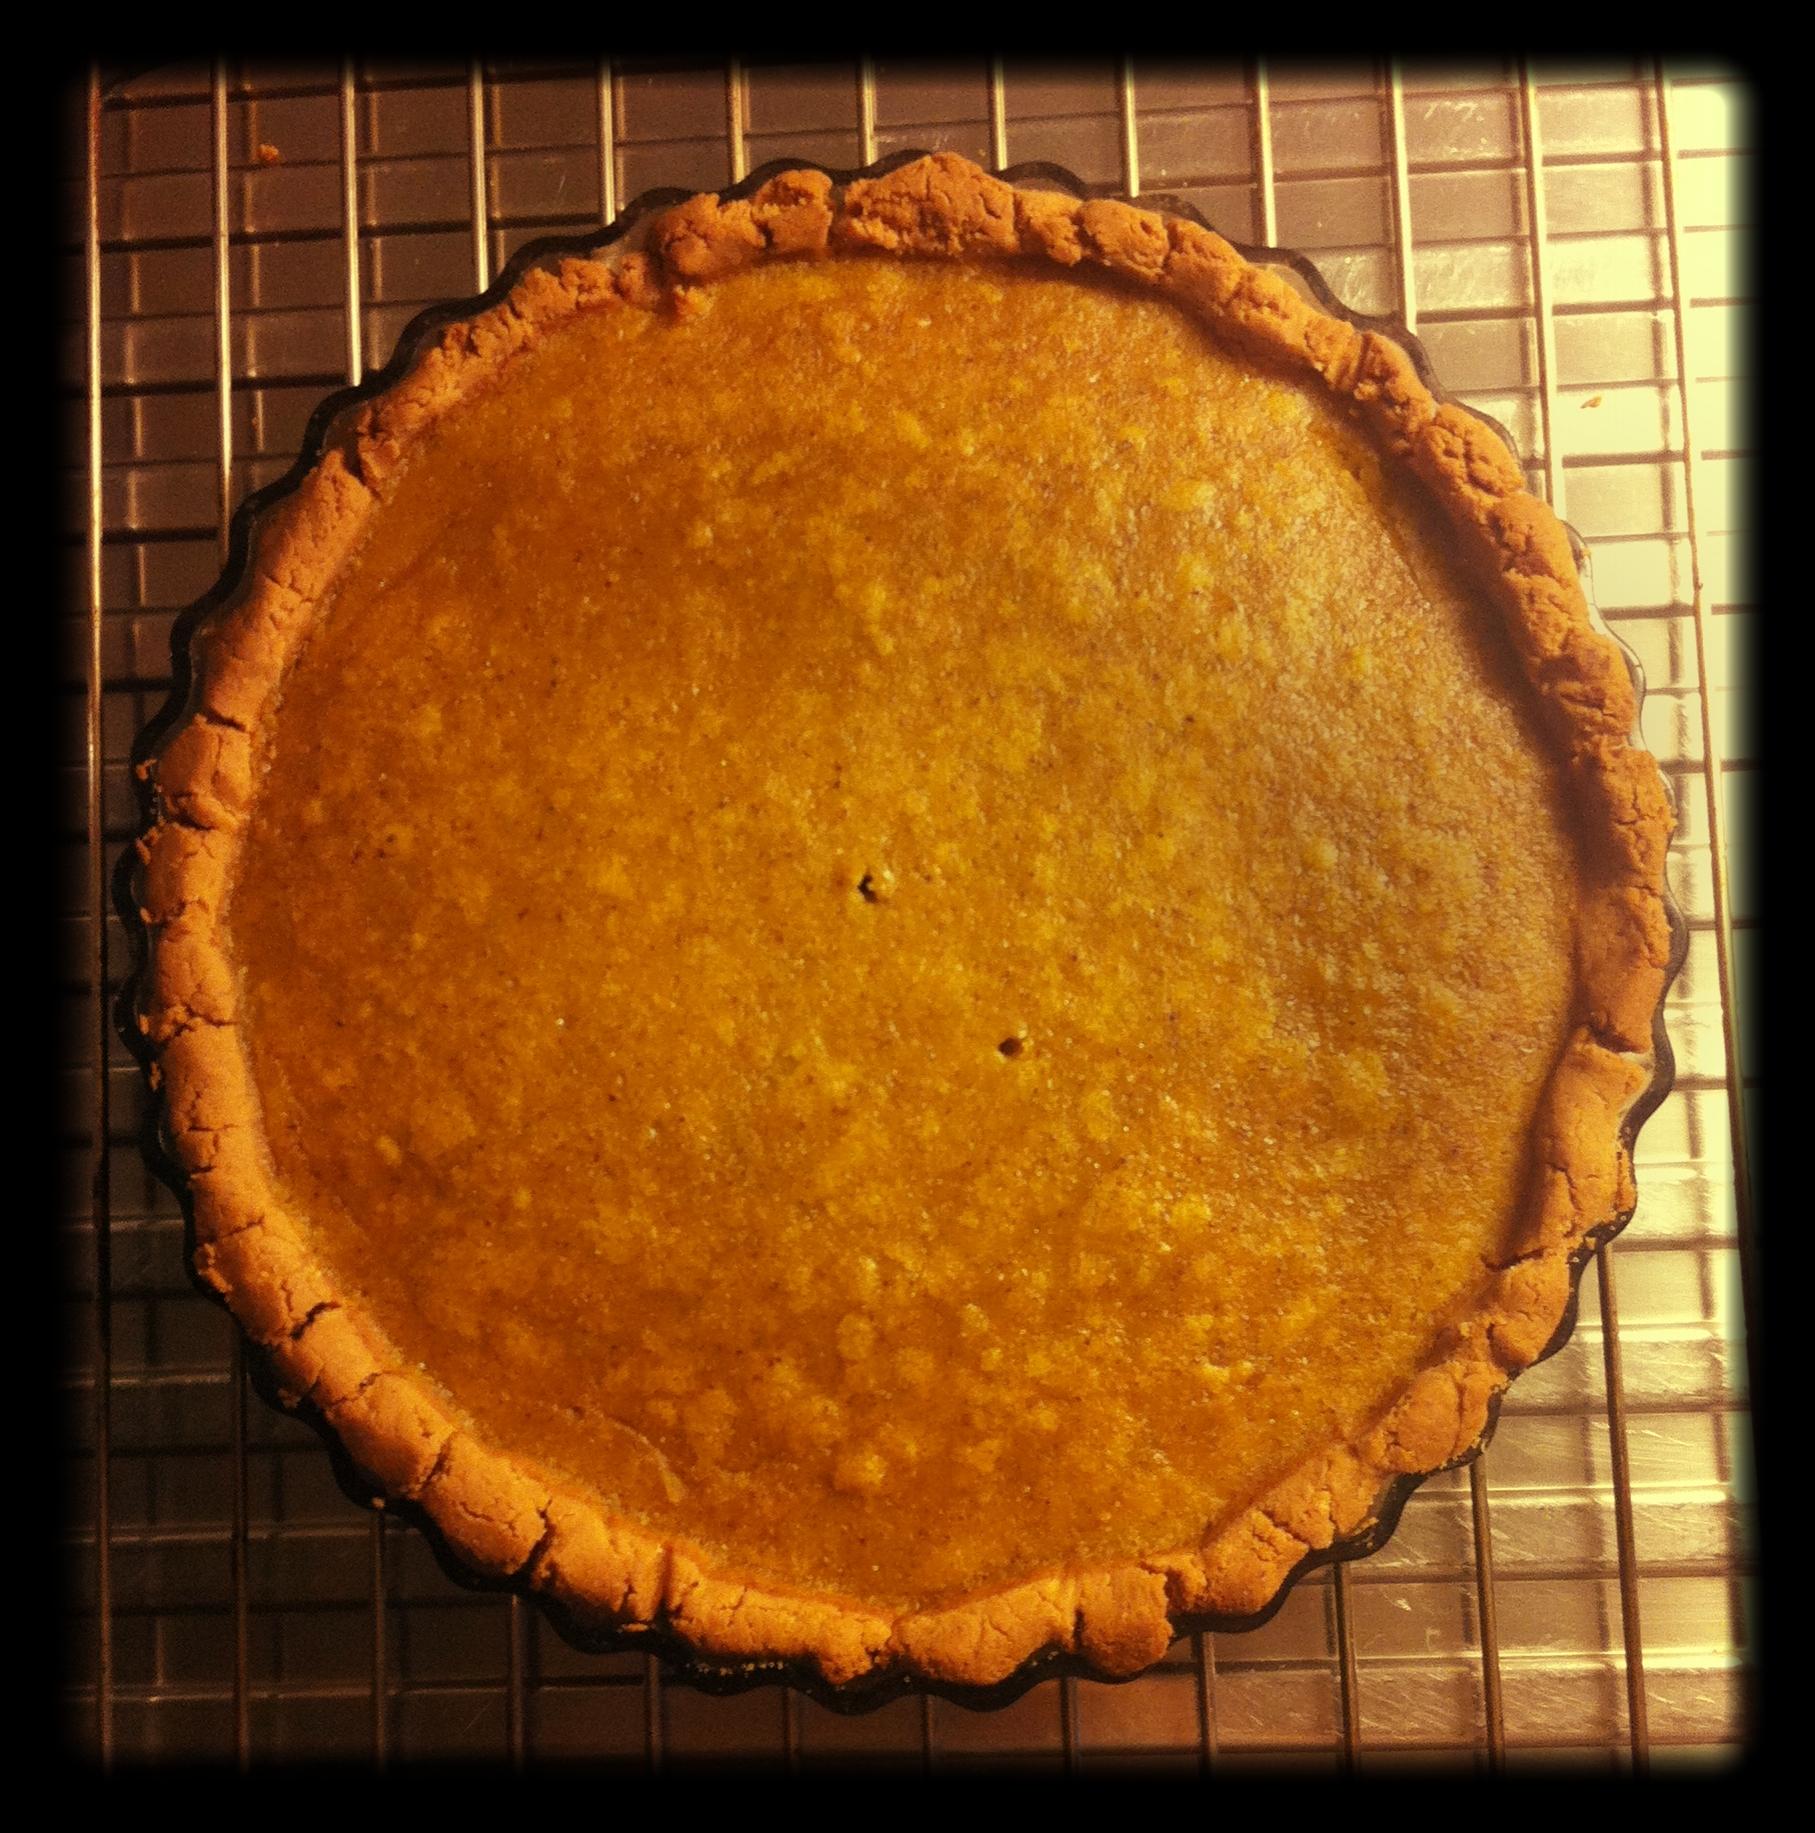 My_First_Ever_Home-made_Pumpkin_Pie